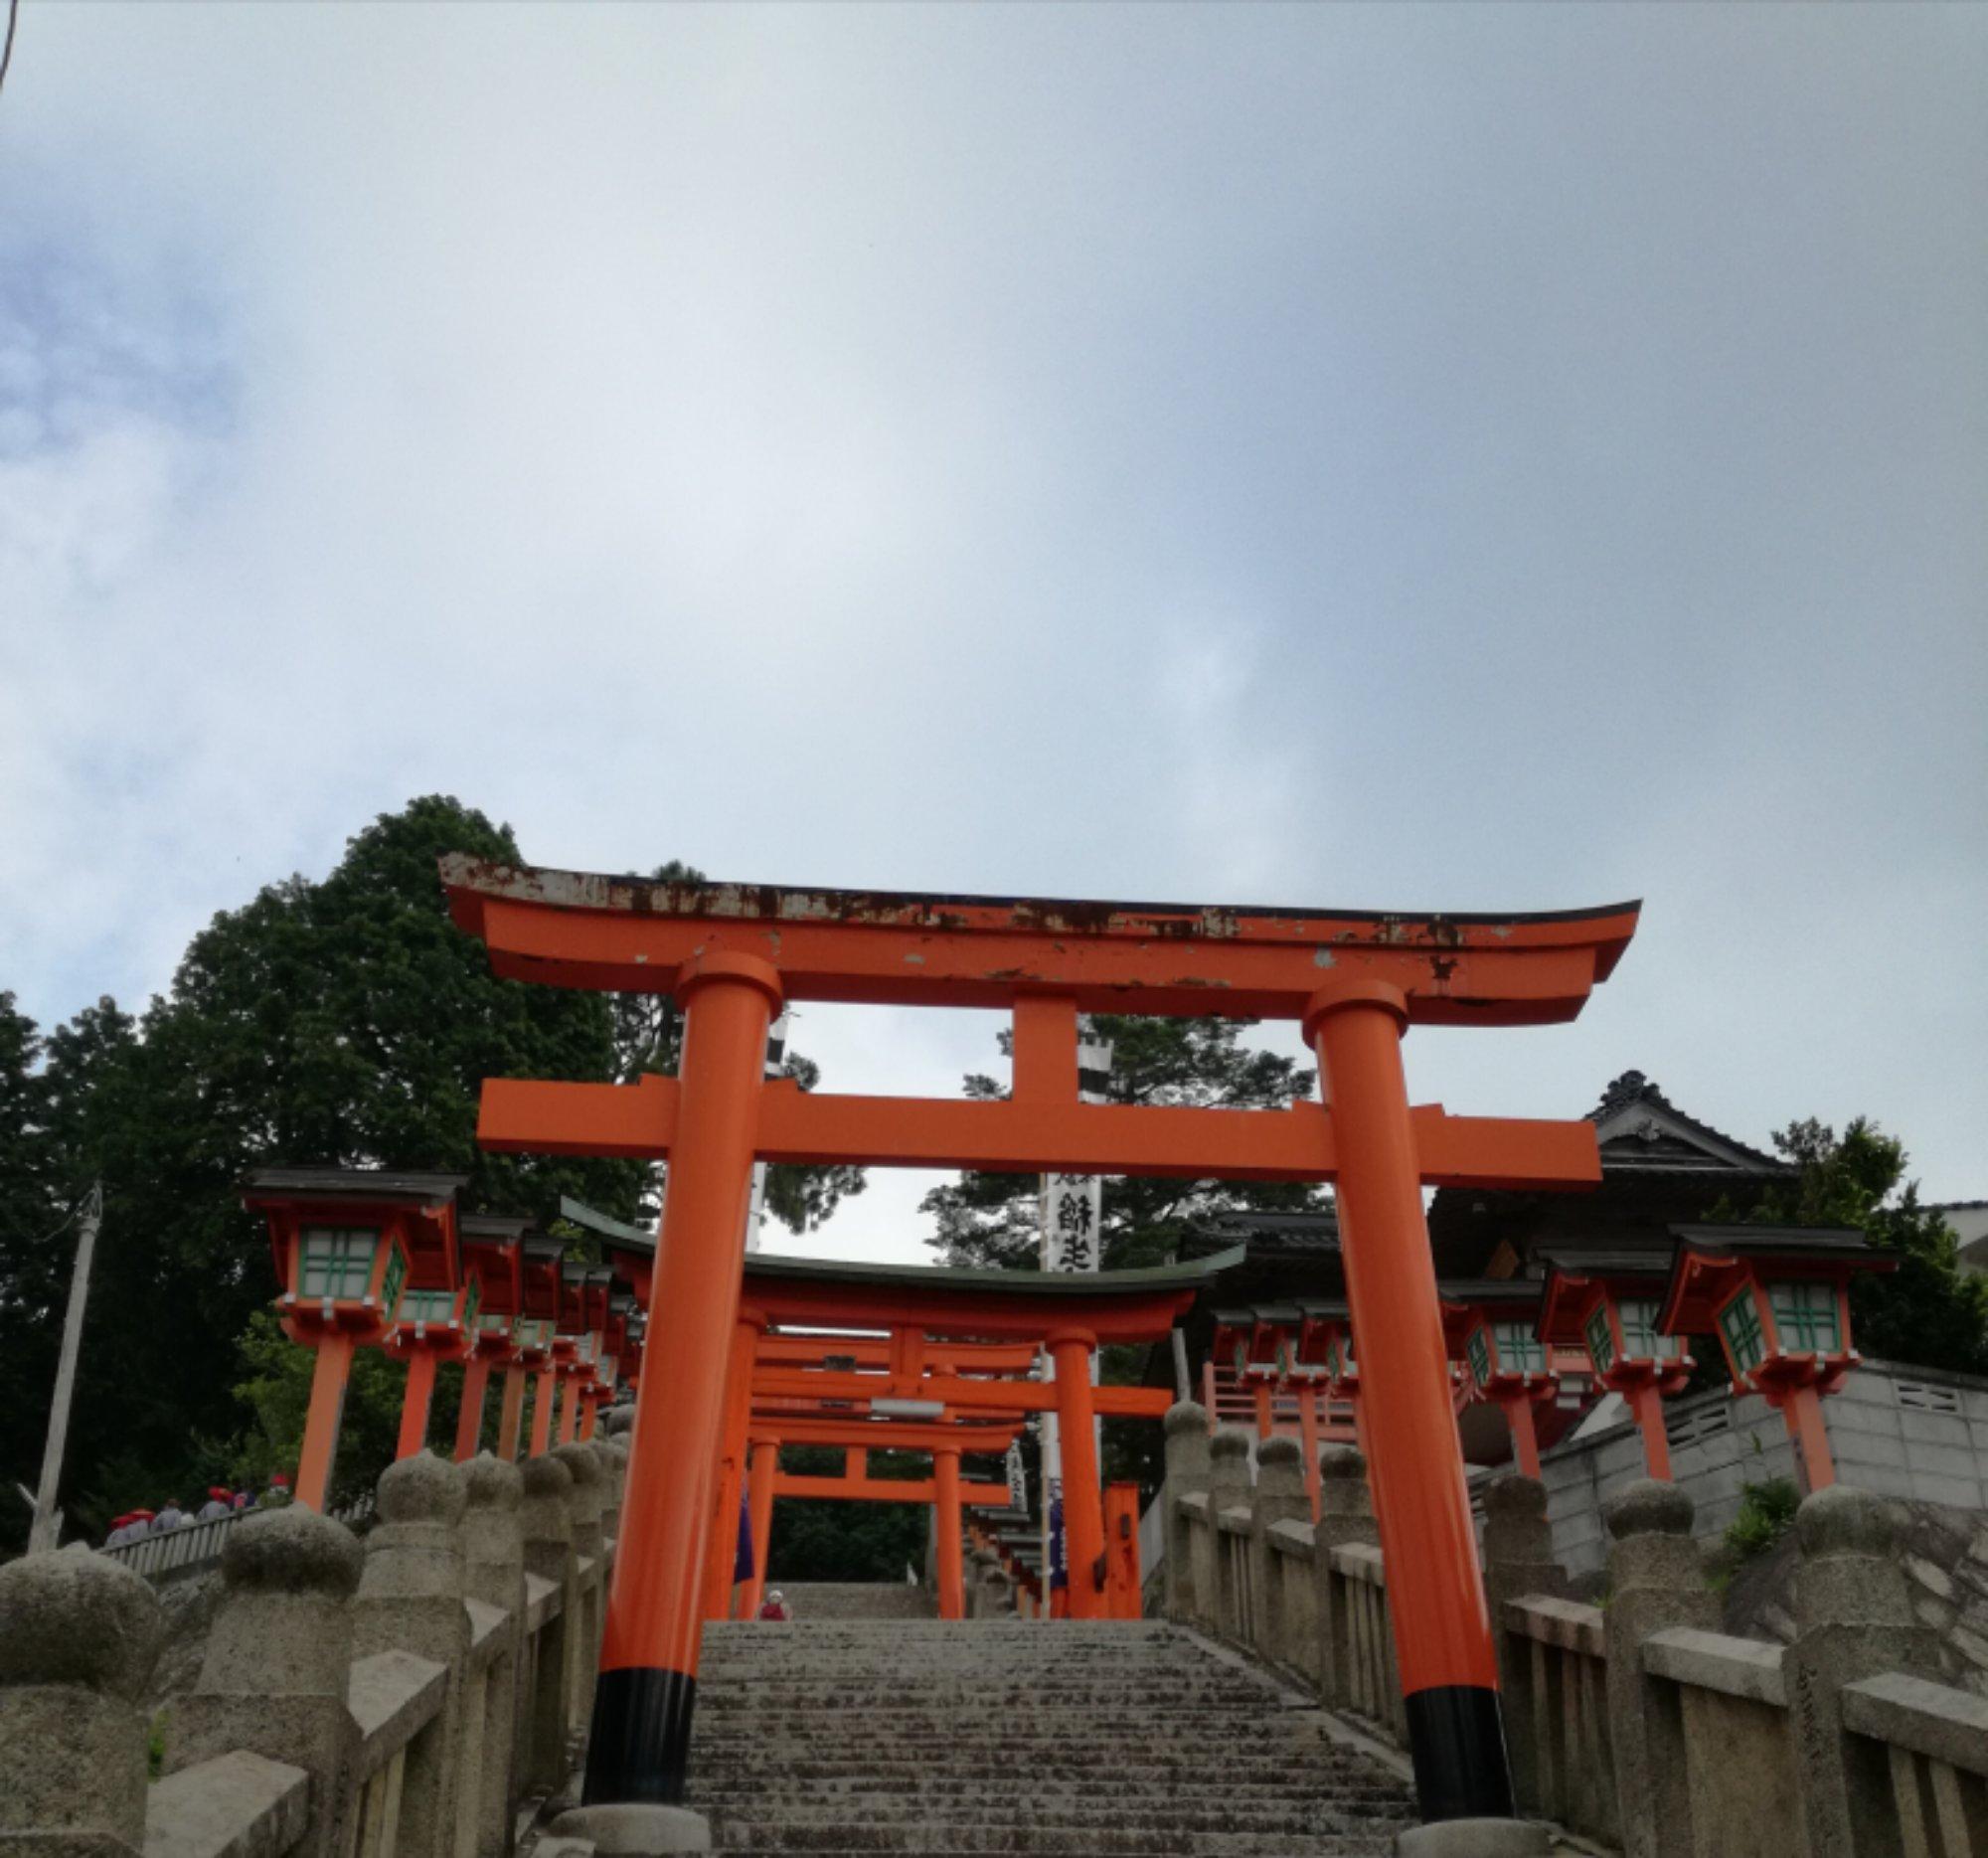 三原 久井稲生神社のお祭りに行って来ましたー!!